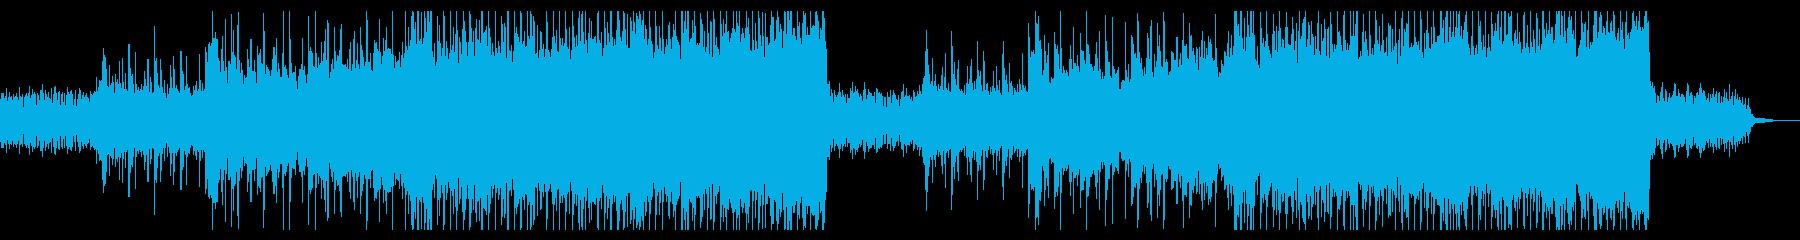 壮大で叙情的な映画音楽・エピック系BGMの再生済みの波形